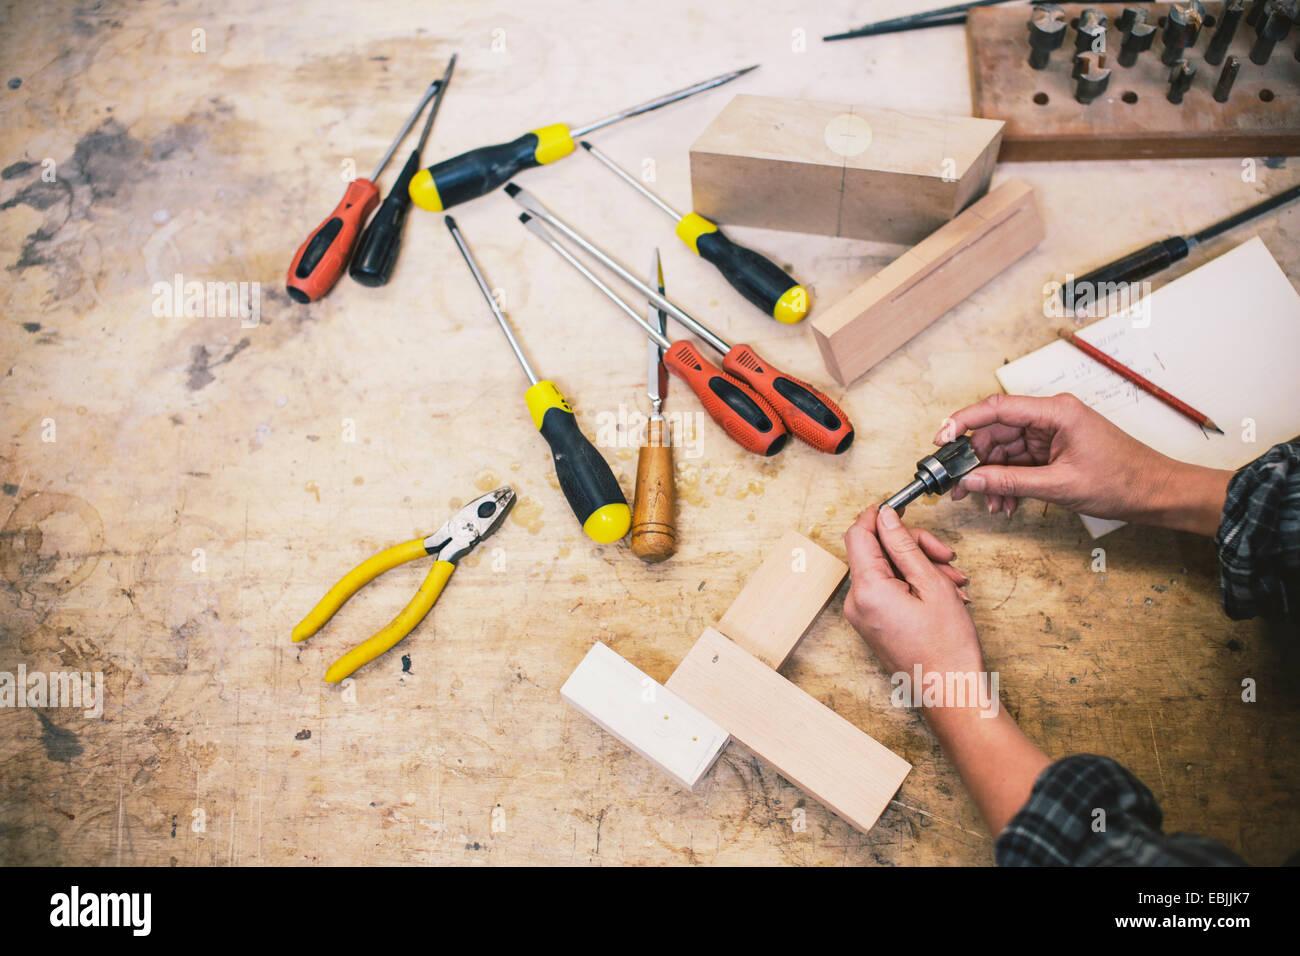 Händen der junge Handwerkerin Komponente in Pfeifenorgel Workshop halten Stockbild